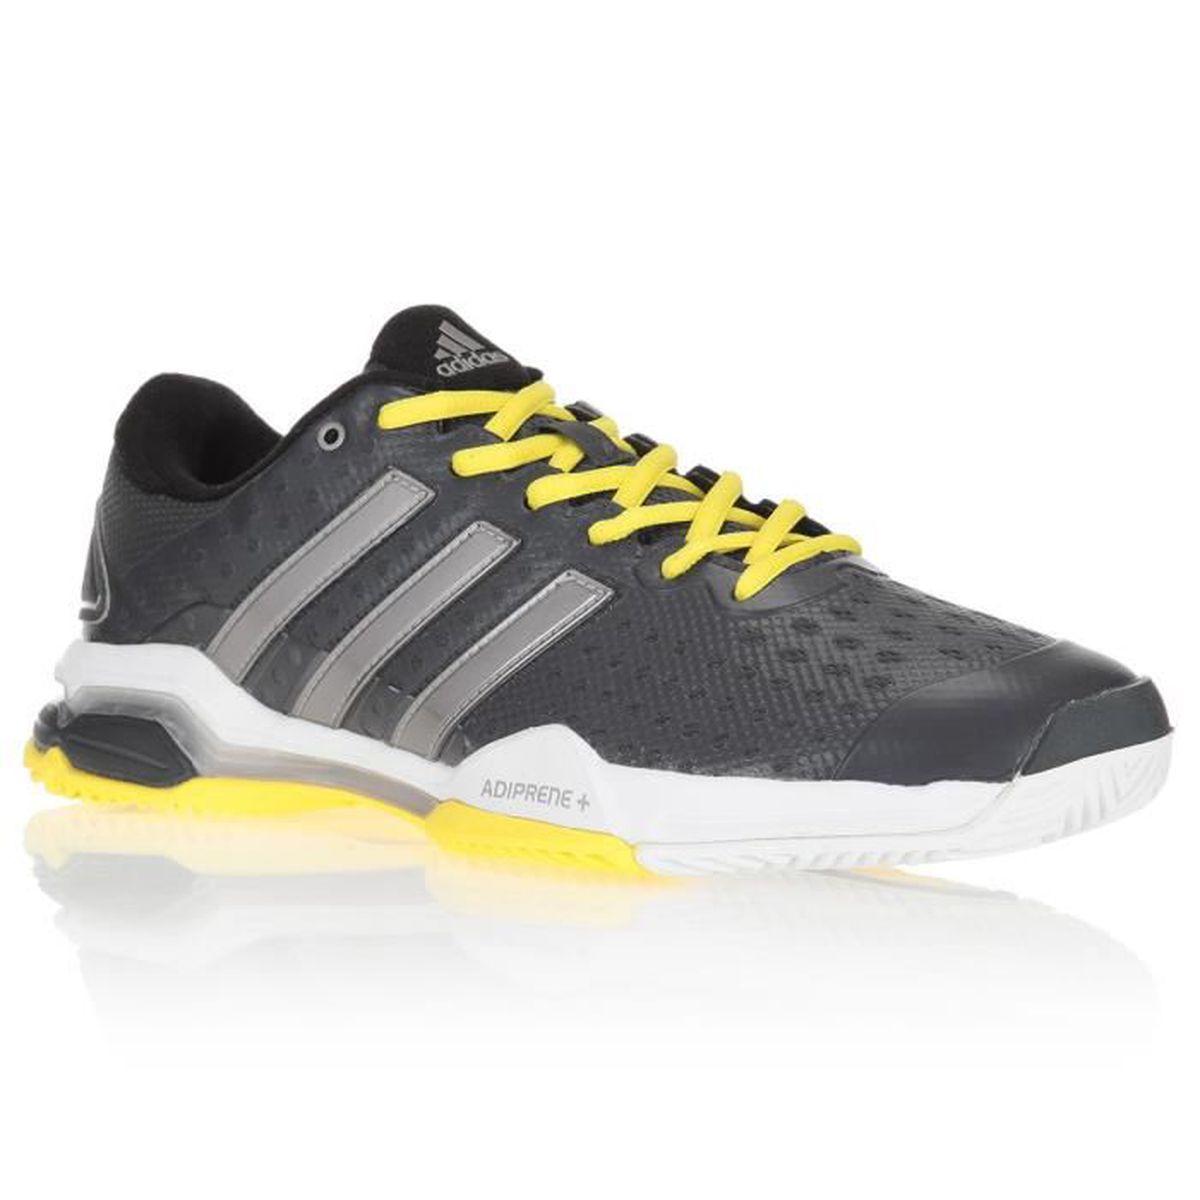 newest a4792 d5671 ... adidas barricade 6 chaussure tennis ...